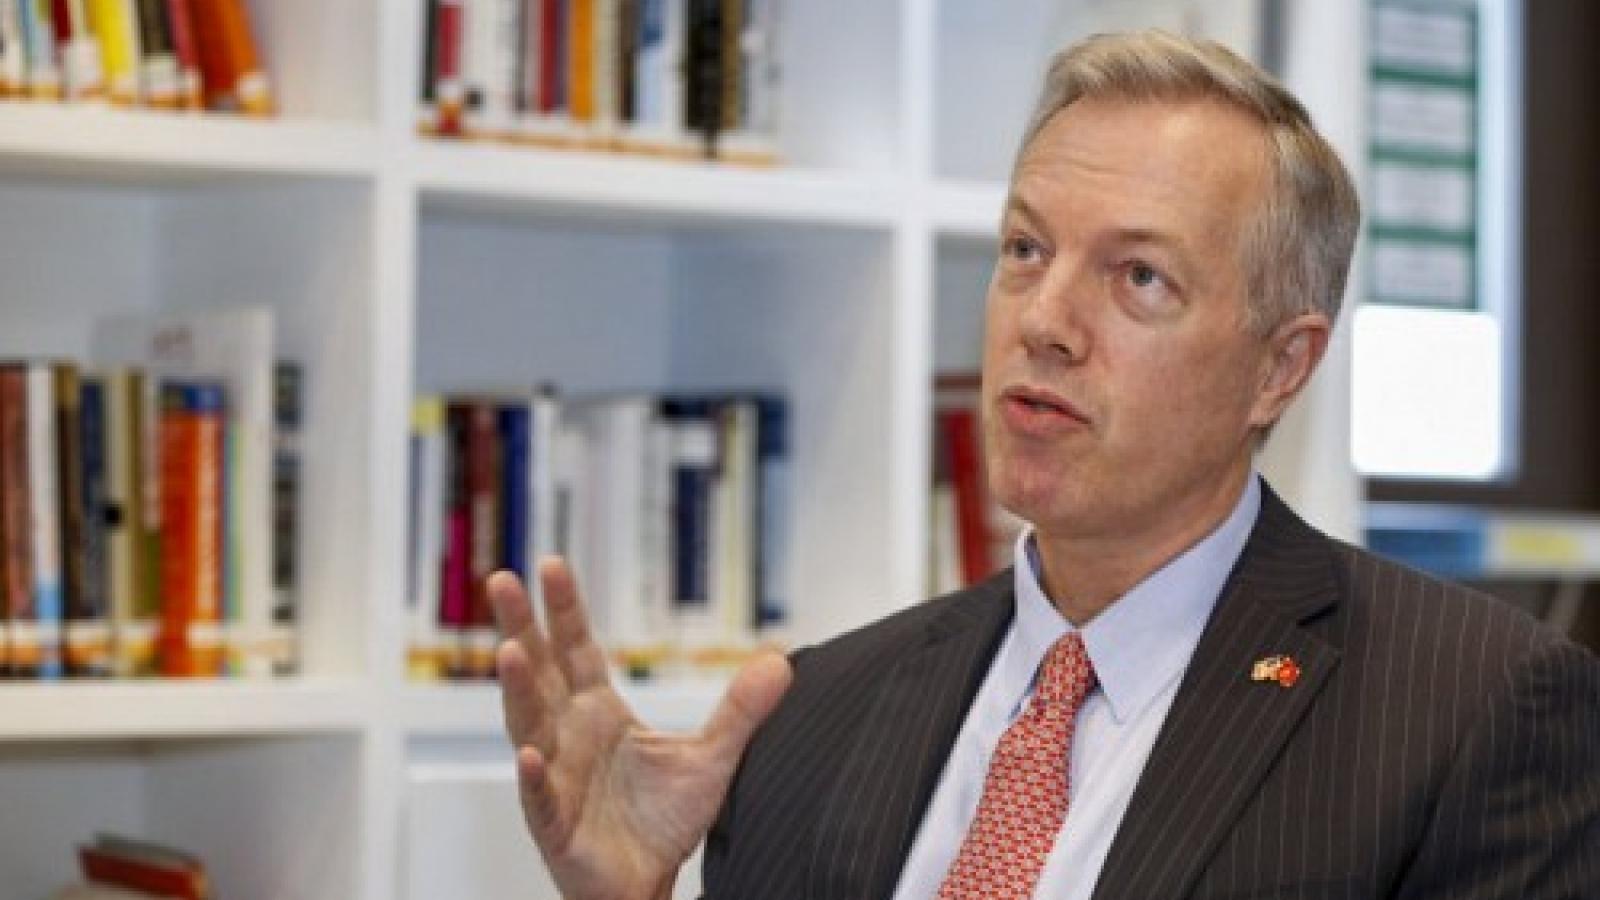 Vietnam a smart place to do business: US Ambassador